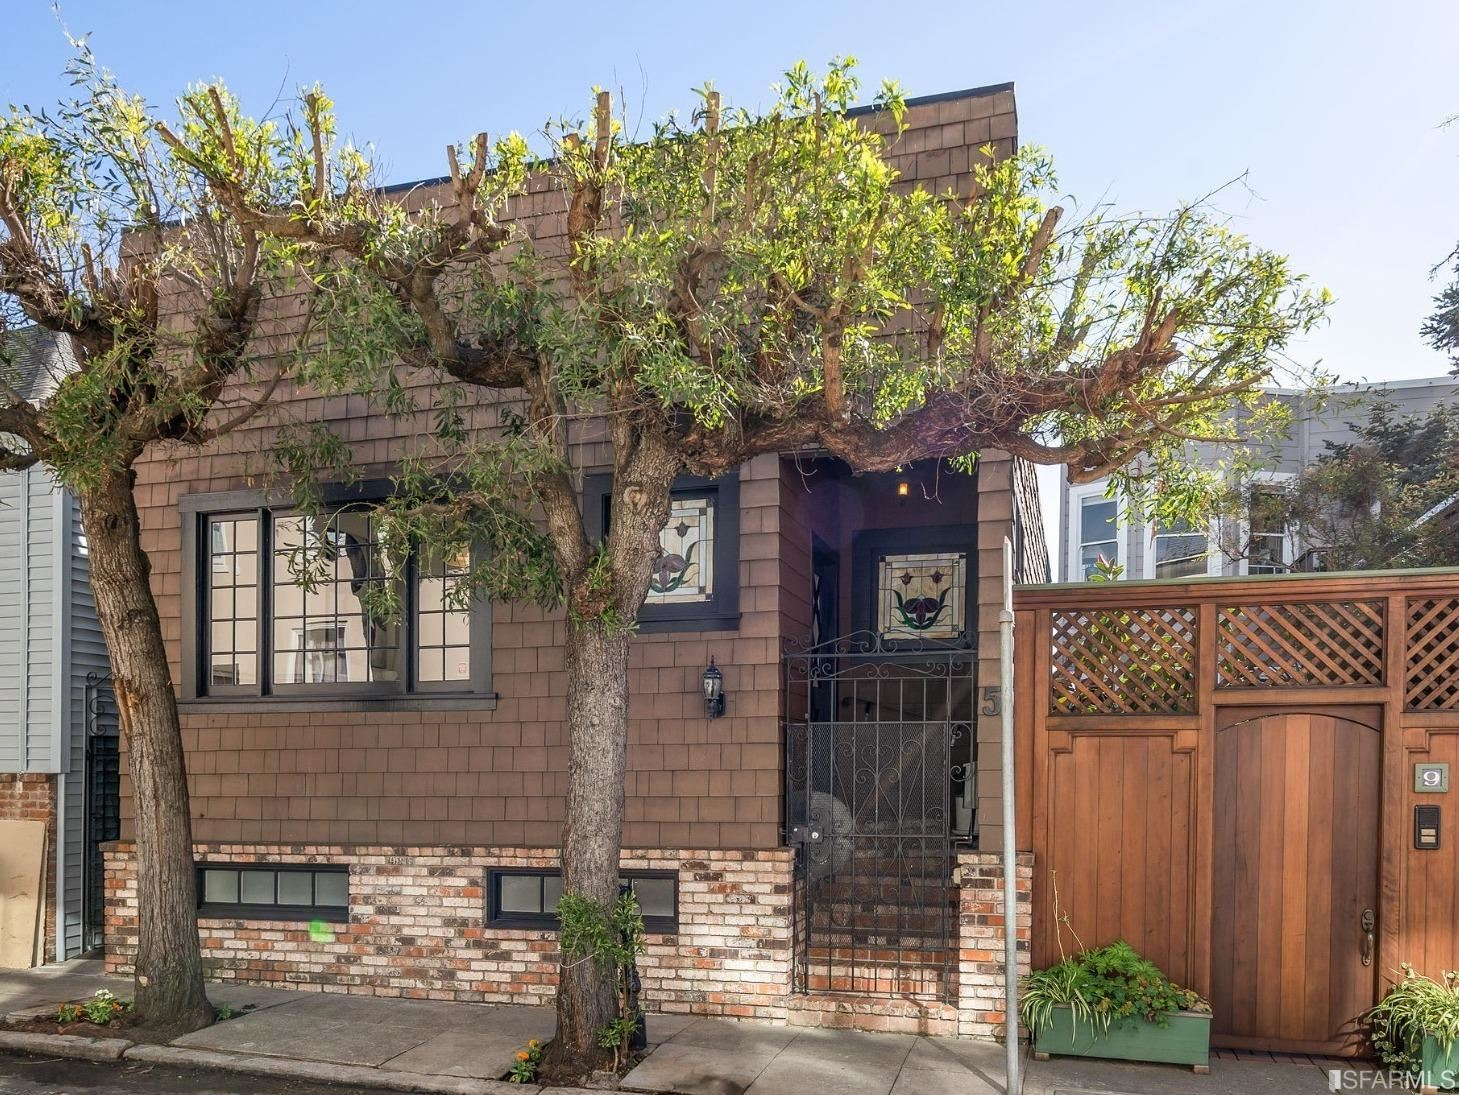 5 Dolores Terrace, San Francisco, CA 94110 - #: 421517317